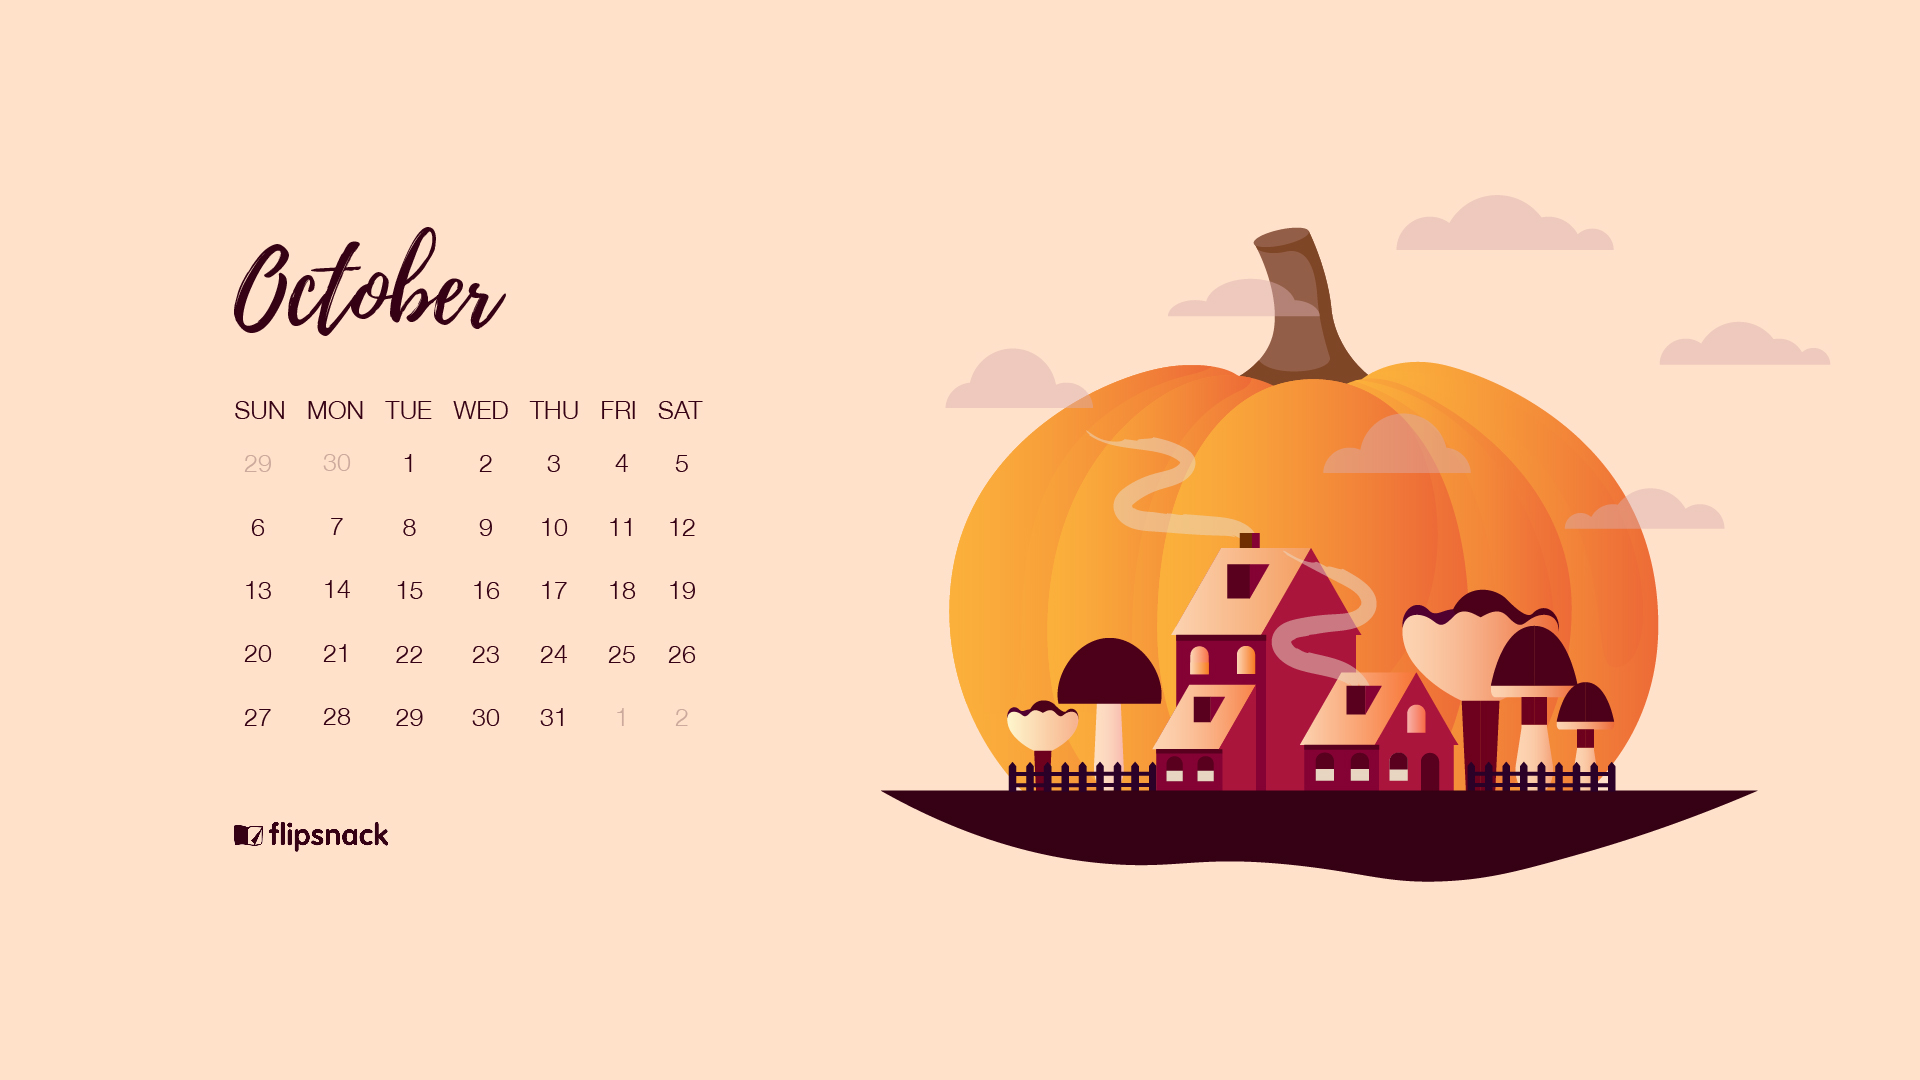 halloween wallpaper calendar 2019